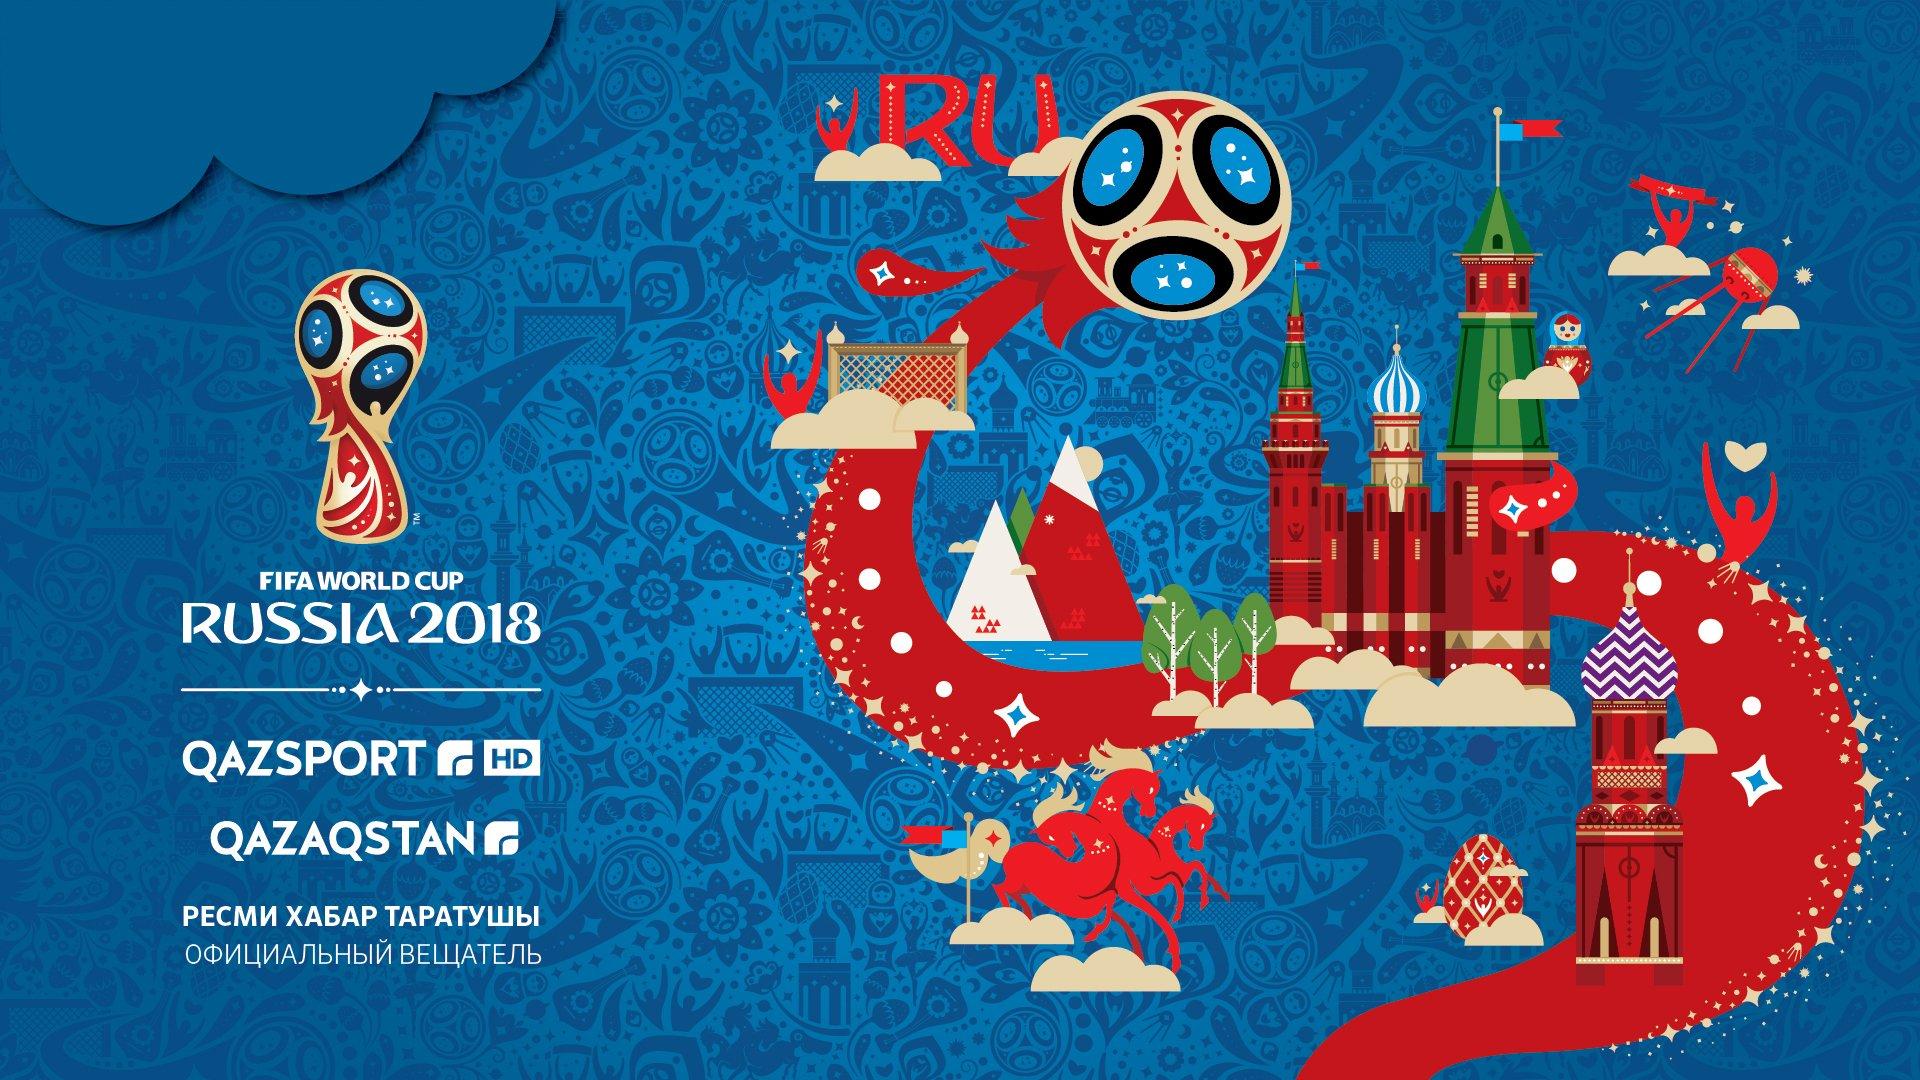 «Qazaqstan» и «Qazsport» покажет матчи ЧМ-2018 в прямом эфире